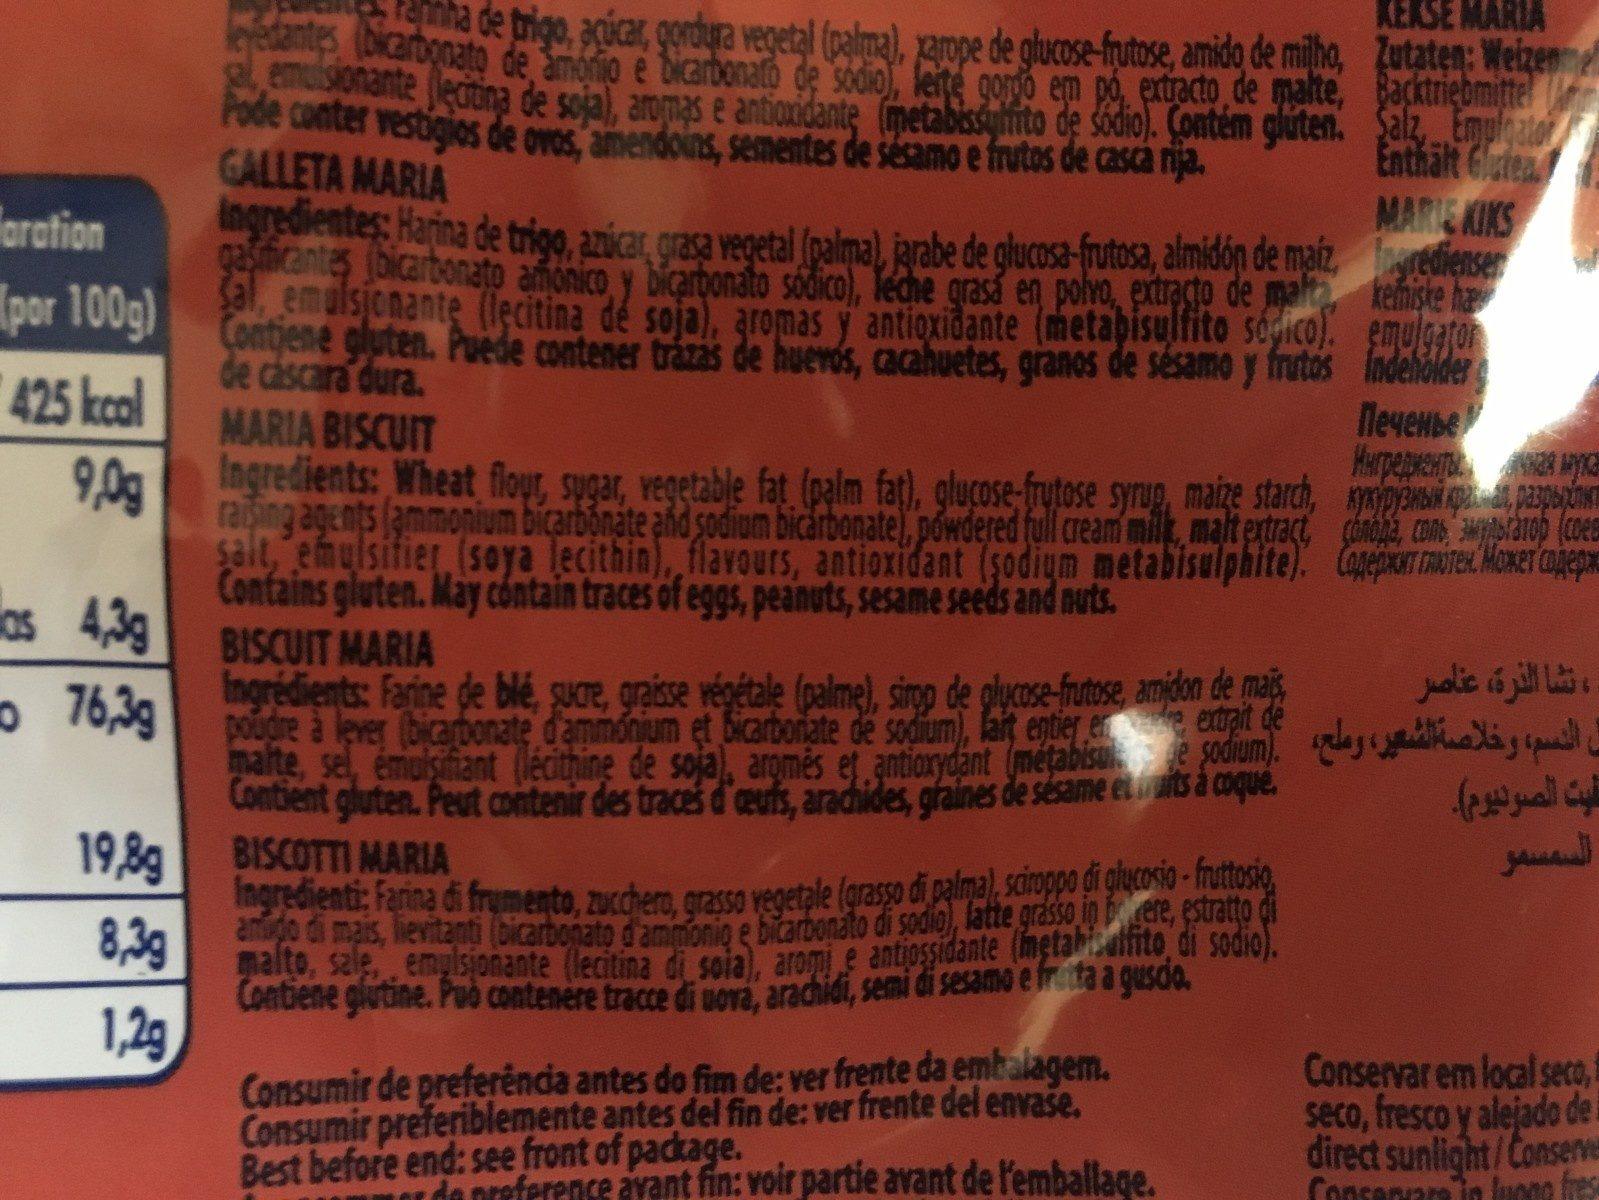 Gateau maria - Ingrediënten - fr